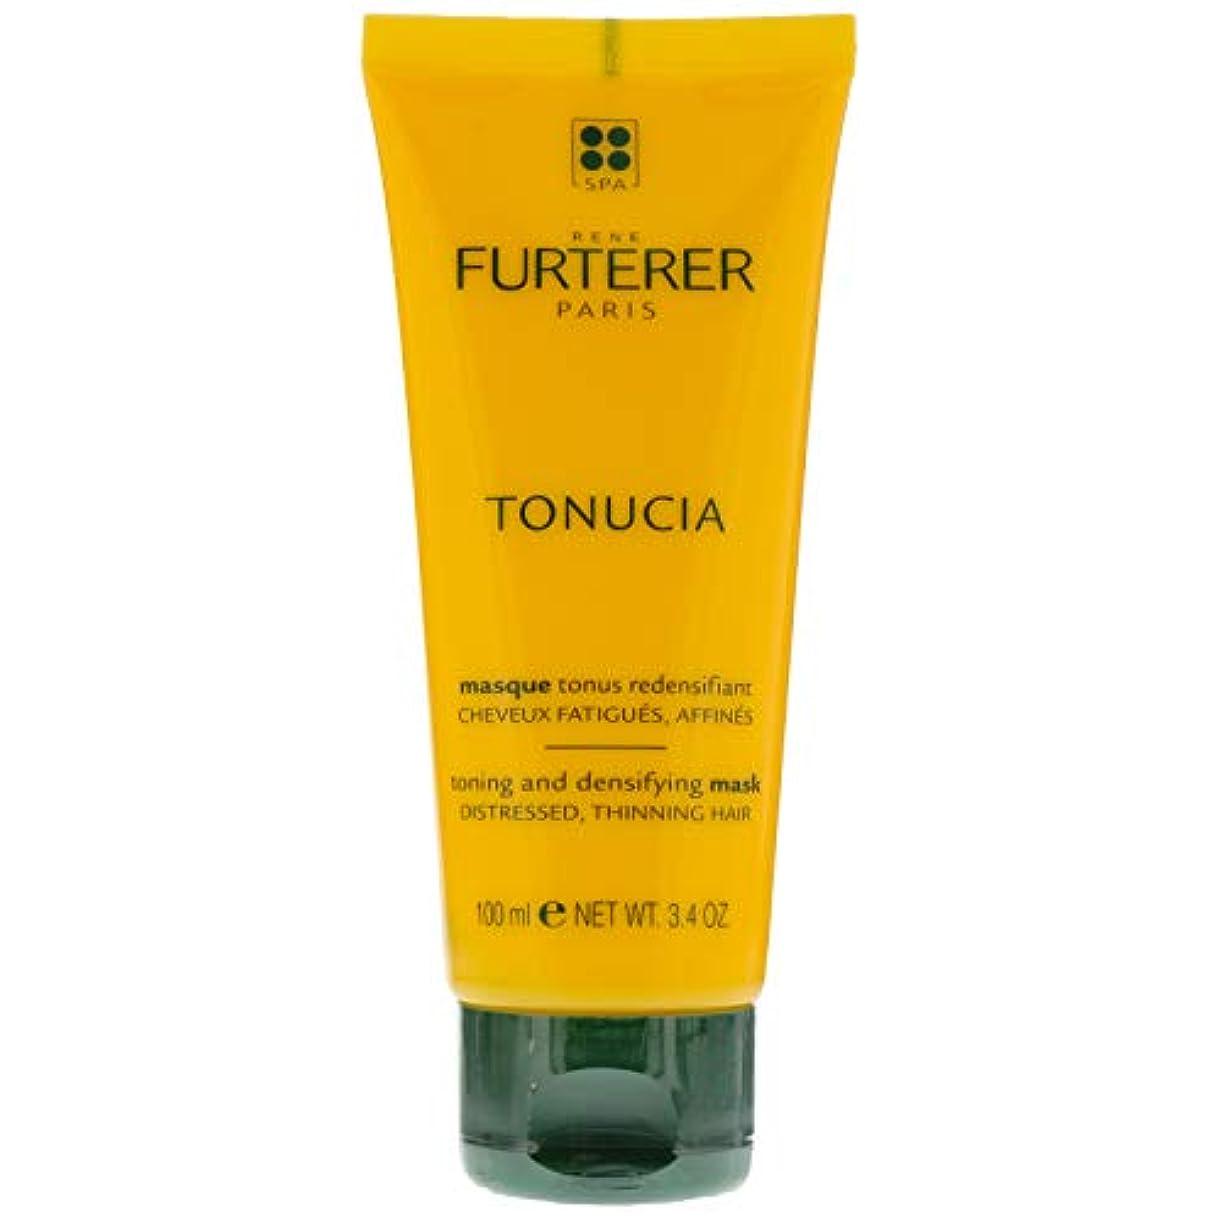 雪逮捕ルネ フルトレール Tonucia Thickening Ritual Toning and Densifying Mask (Distressed, Thinning Hair) 100ml/3.4oz並行輸入品